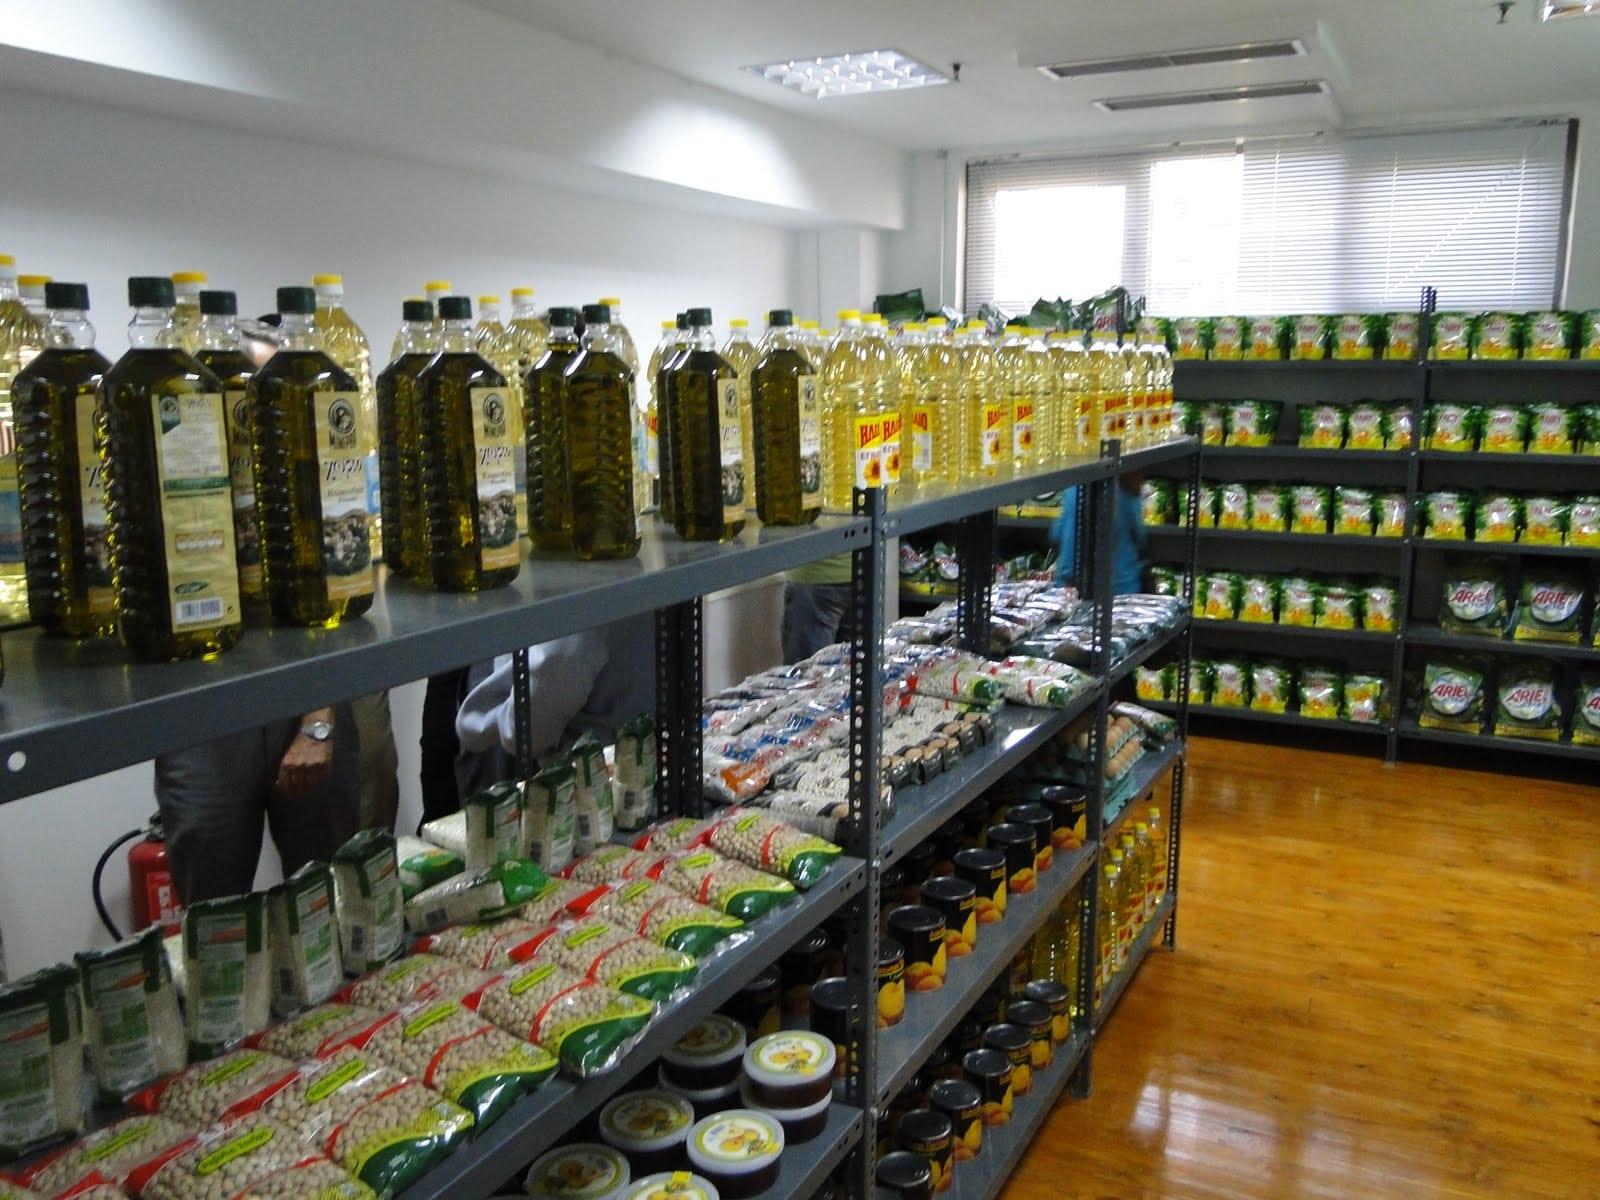 Θεσπρωτία: Τρόφιμα μοίρασε το Κοινωνικό Παντοπωλείο του Δήμου Φιλιατών